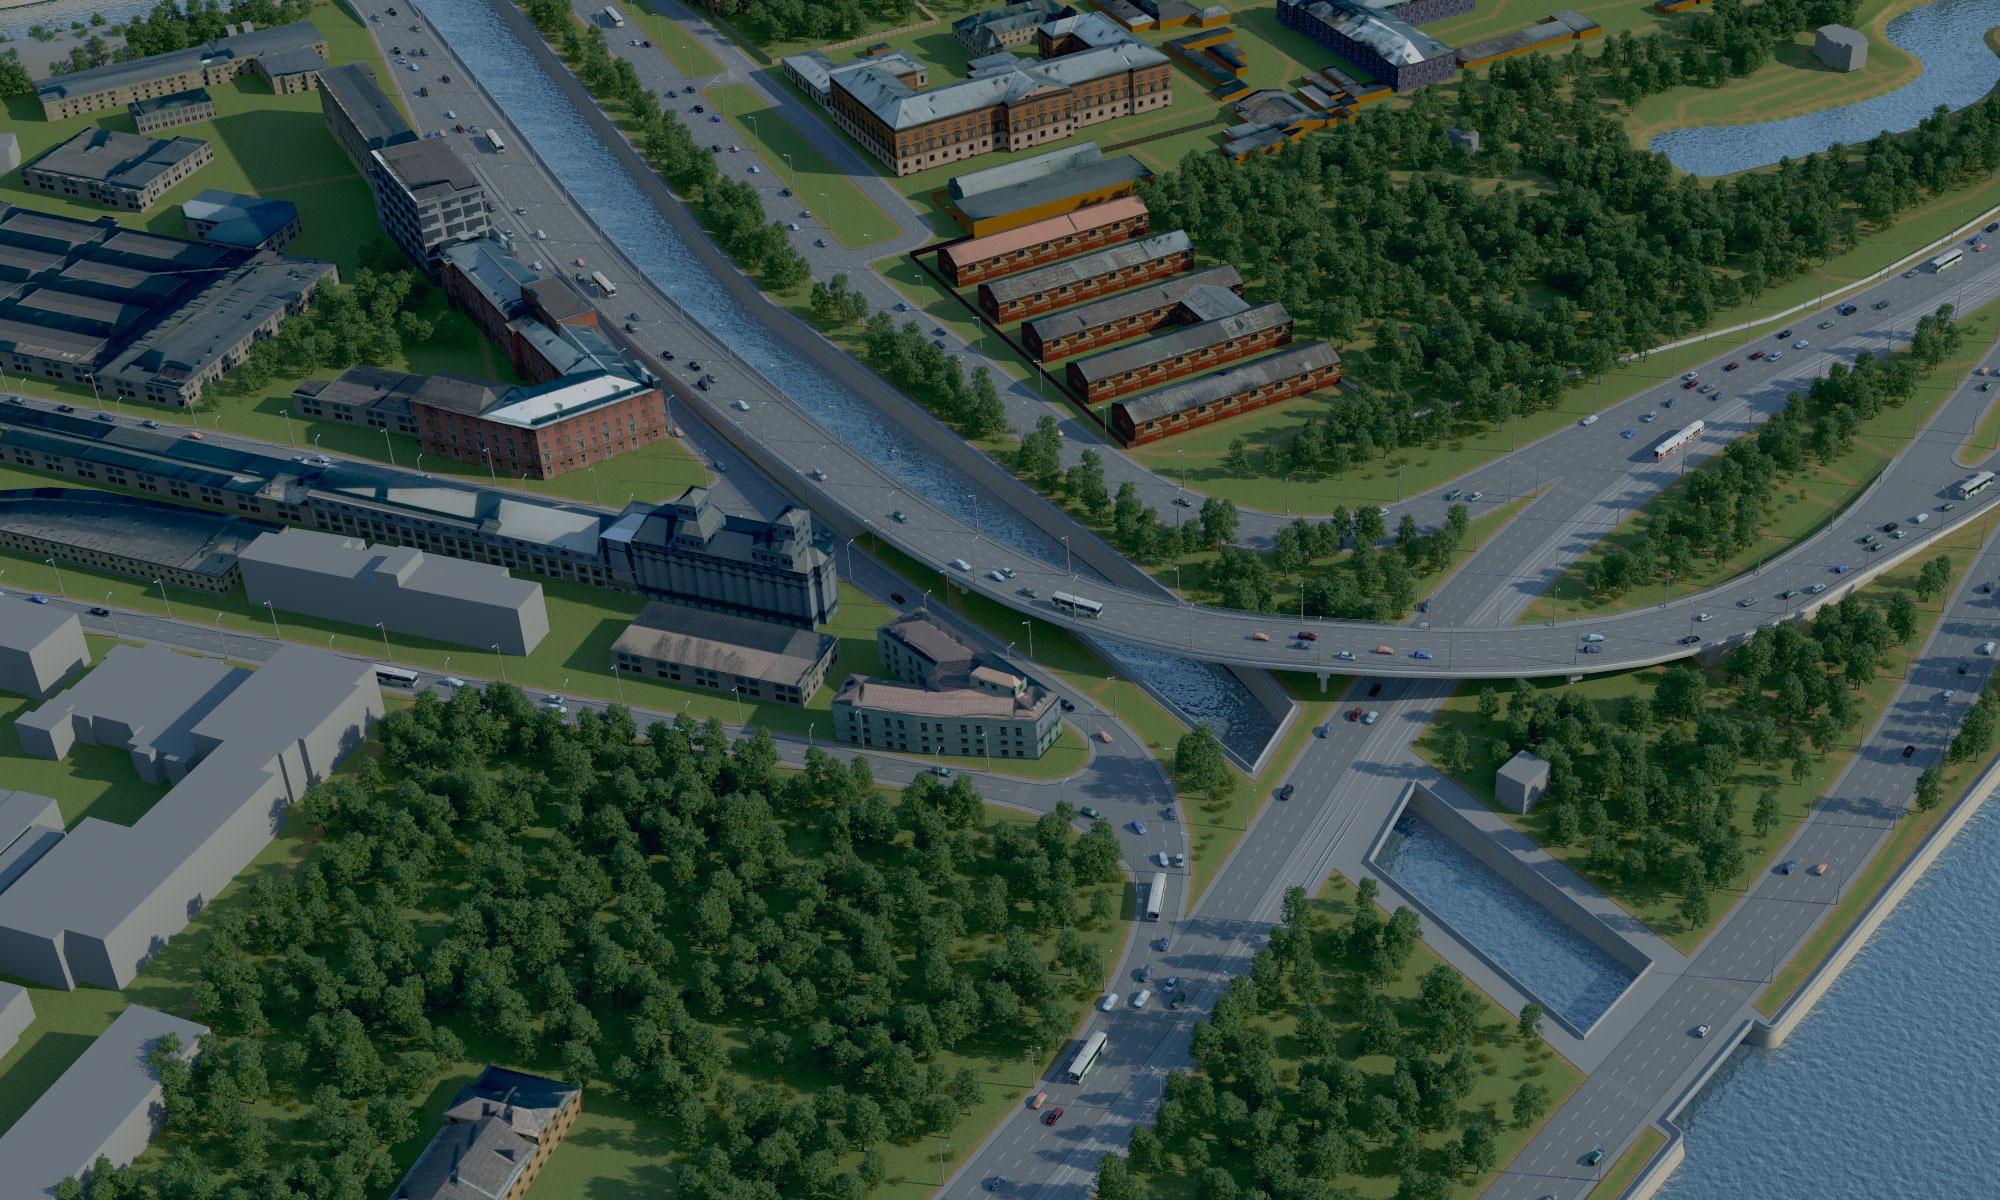 Cтроительство проезда по южному берегу Обводного канала от Глухоозерского шоссе до пр. Обуховской обороны.